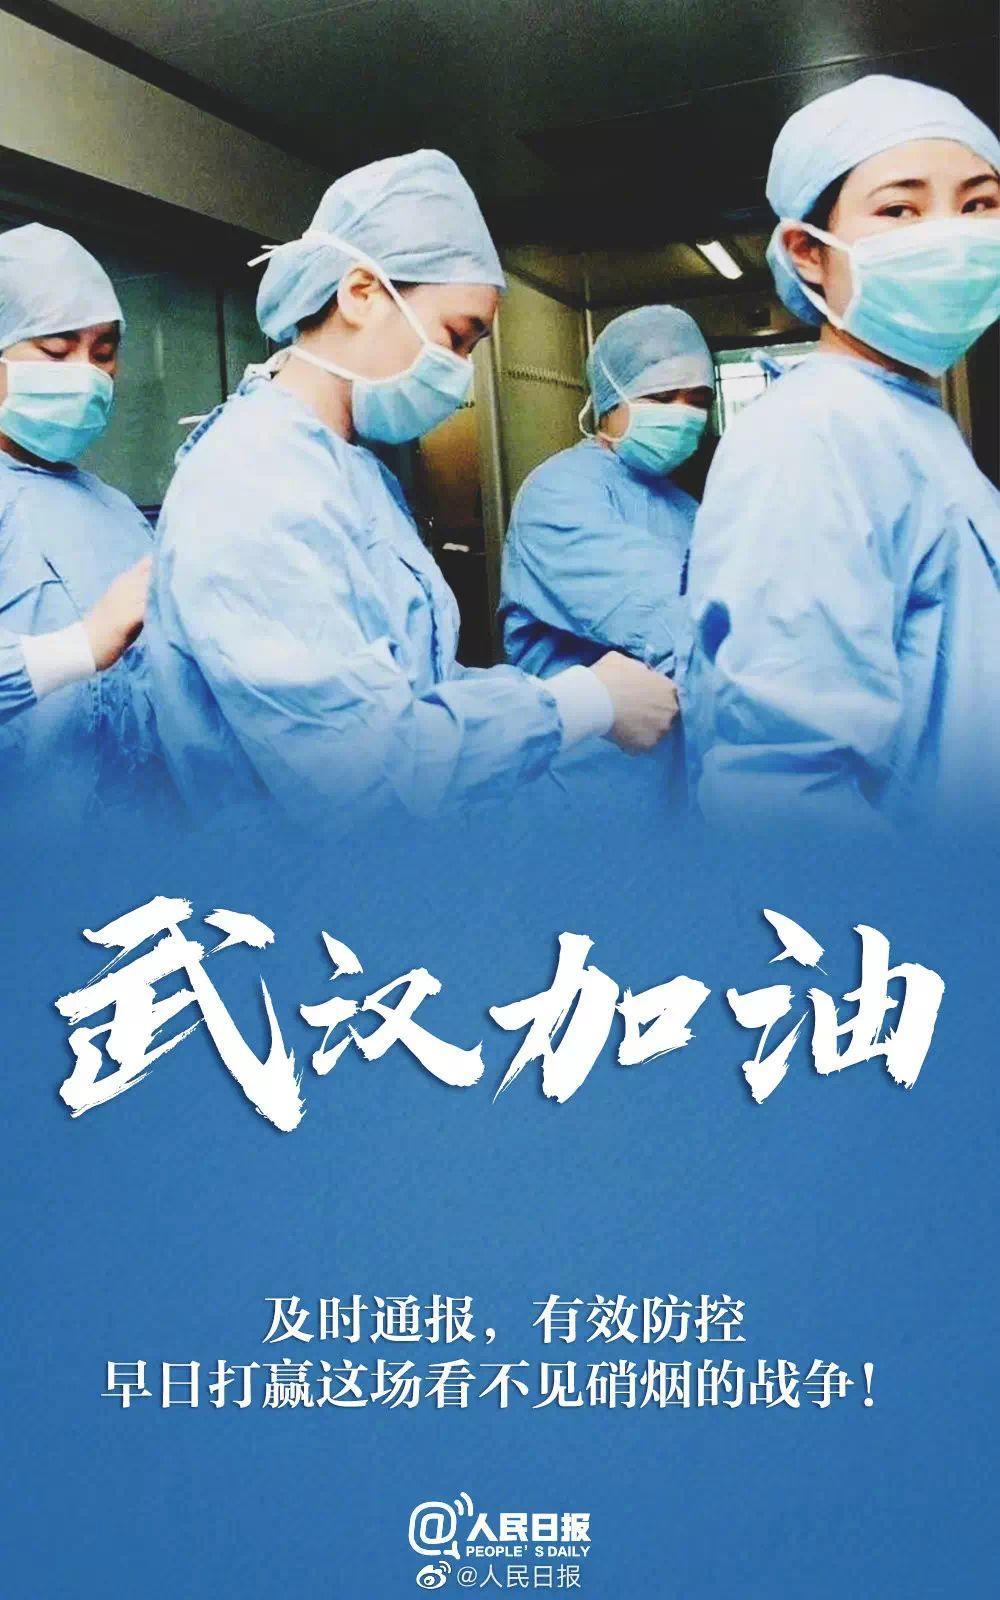 """世卫组织最新声明:新冠状病毒疫情升级为""""国际关注的突发公共卫生事件"""""""